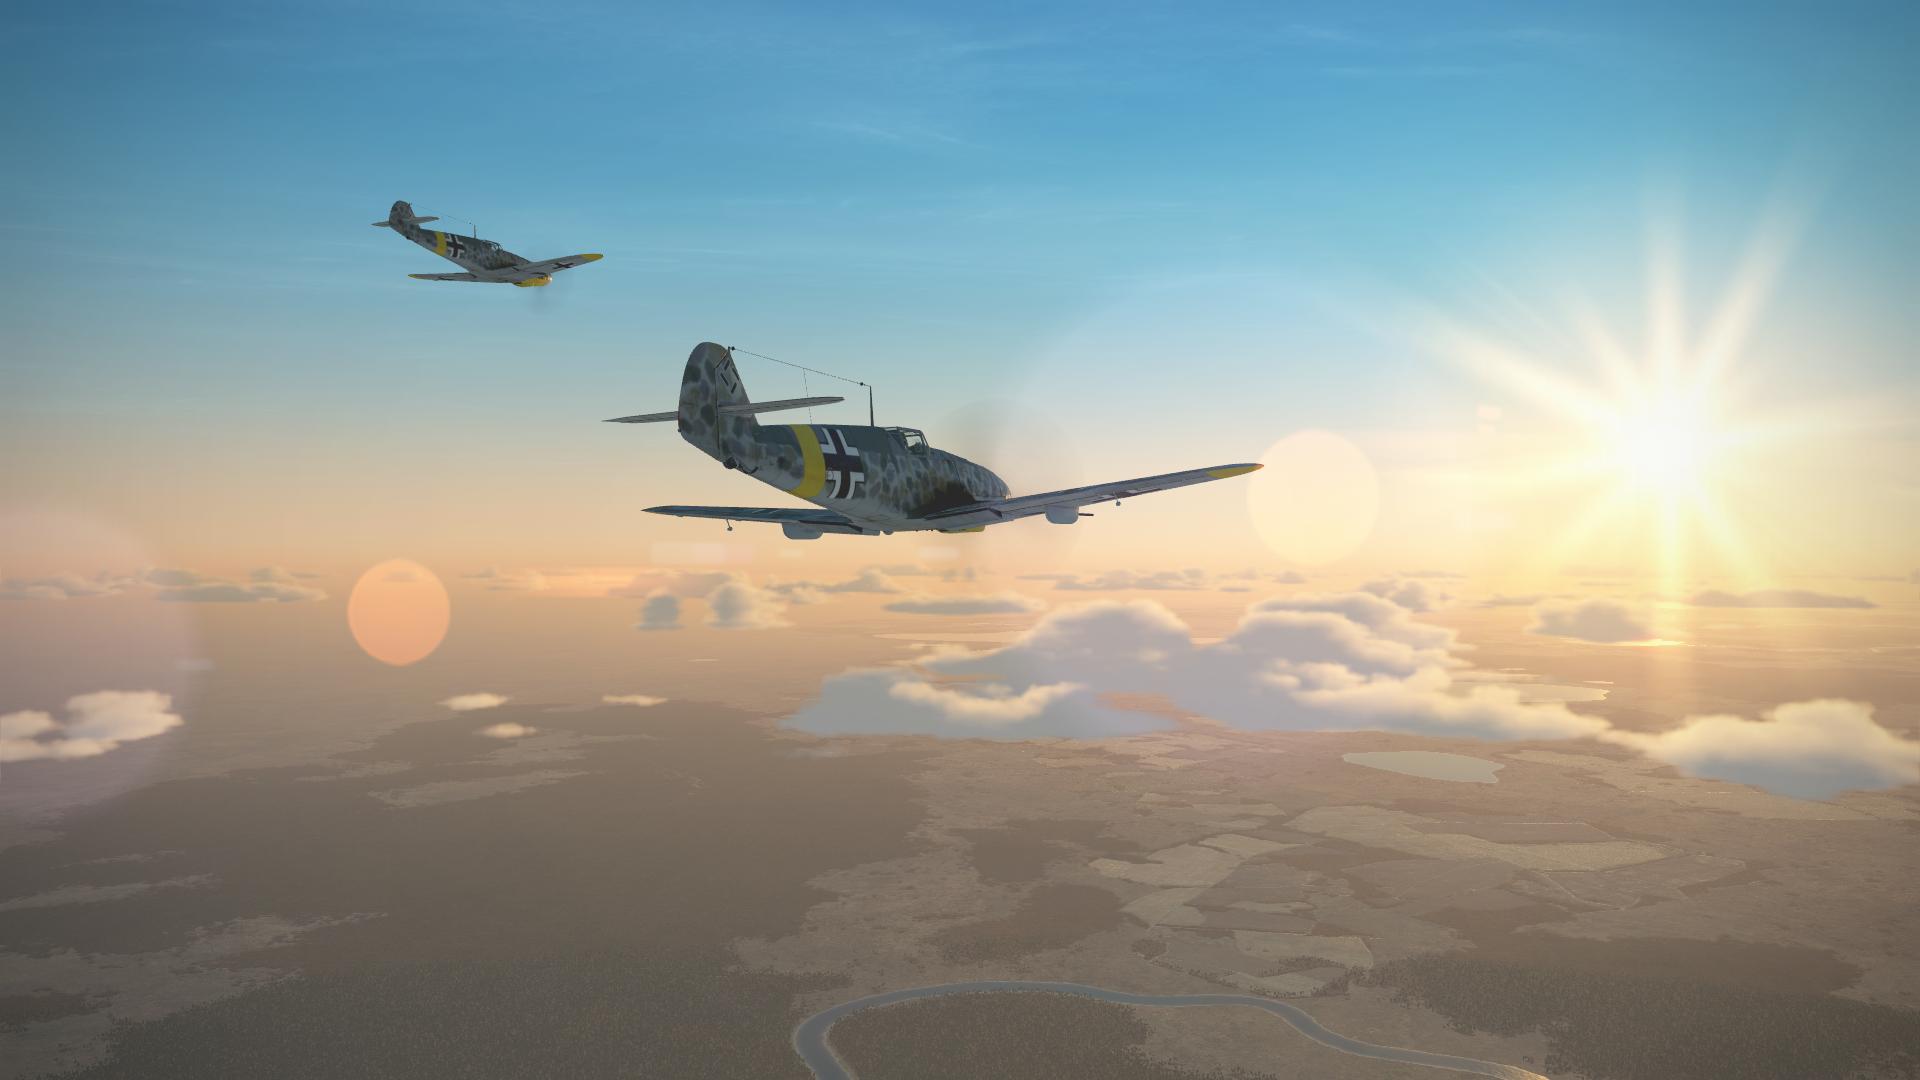 IL-2 Sturmovik Battle of Stalingrad Screenshot 2020.03.23 - 21.49.45.35.png